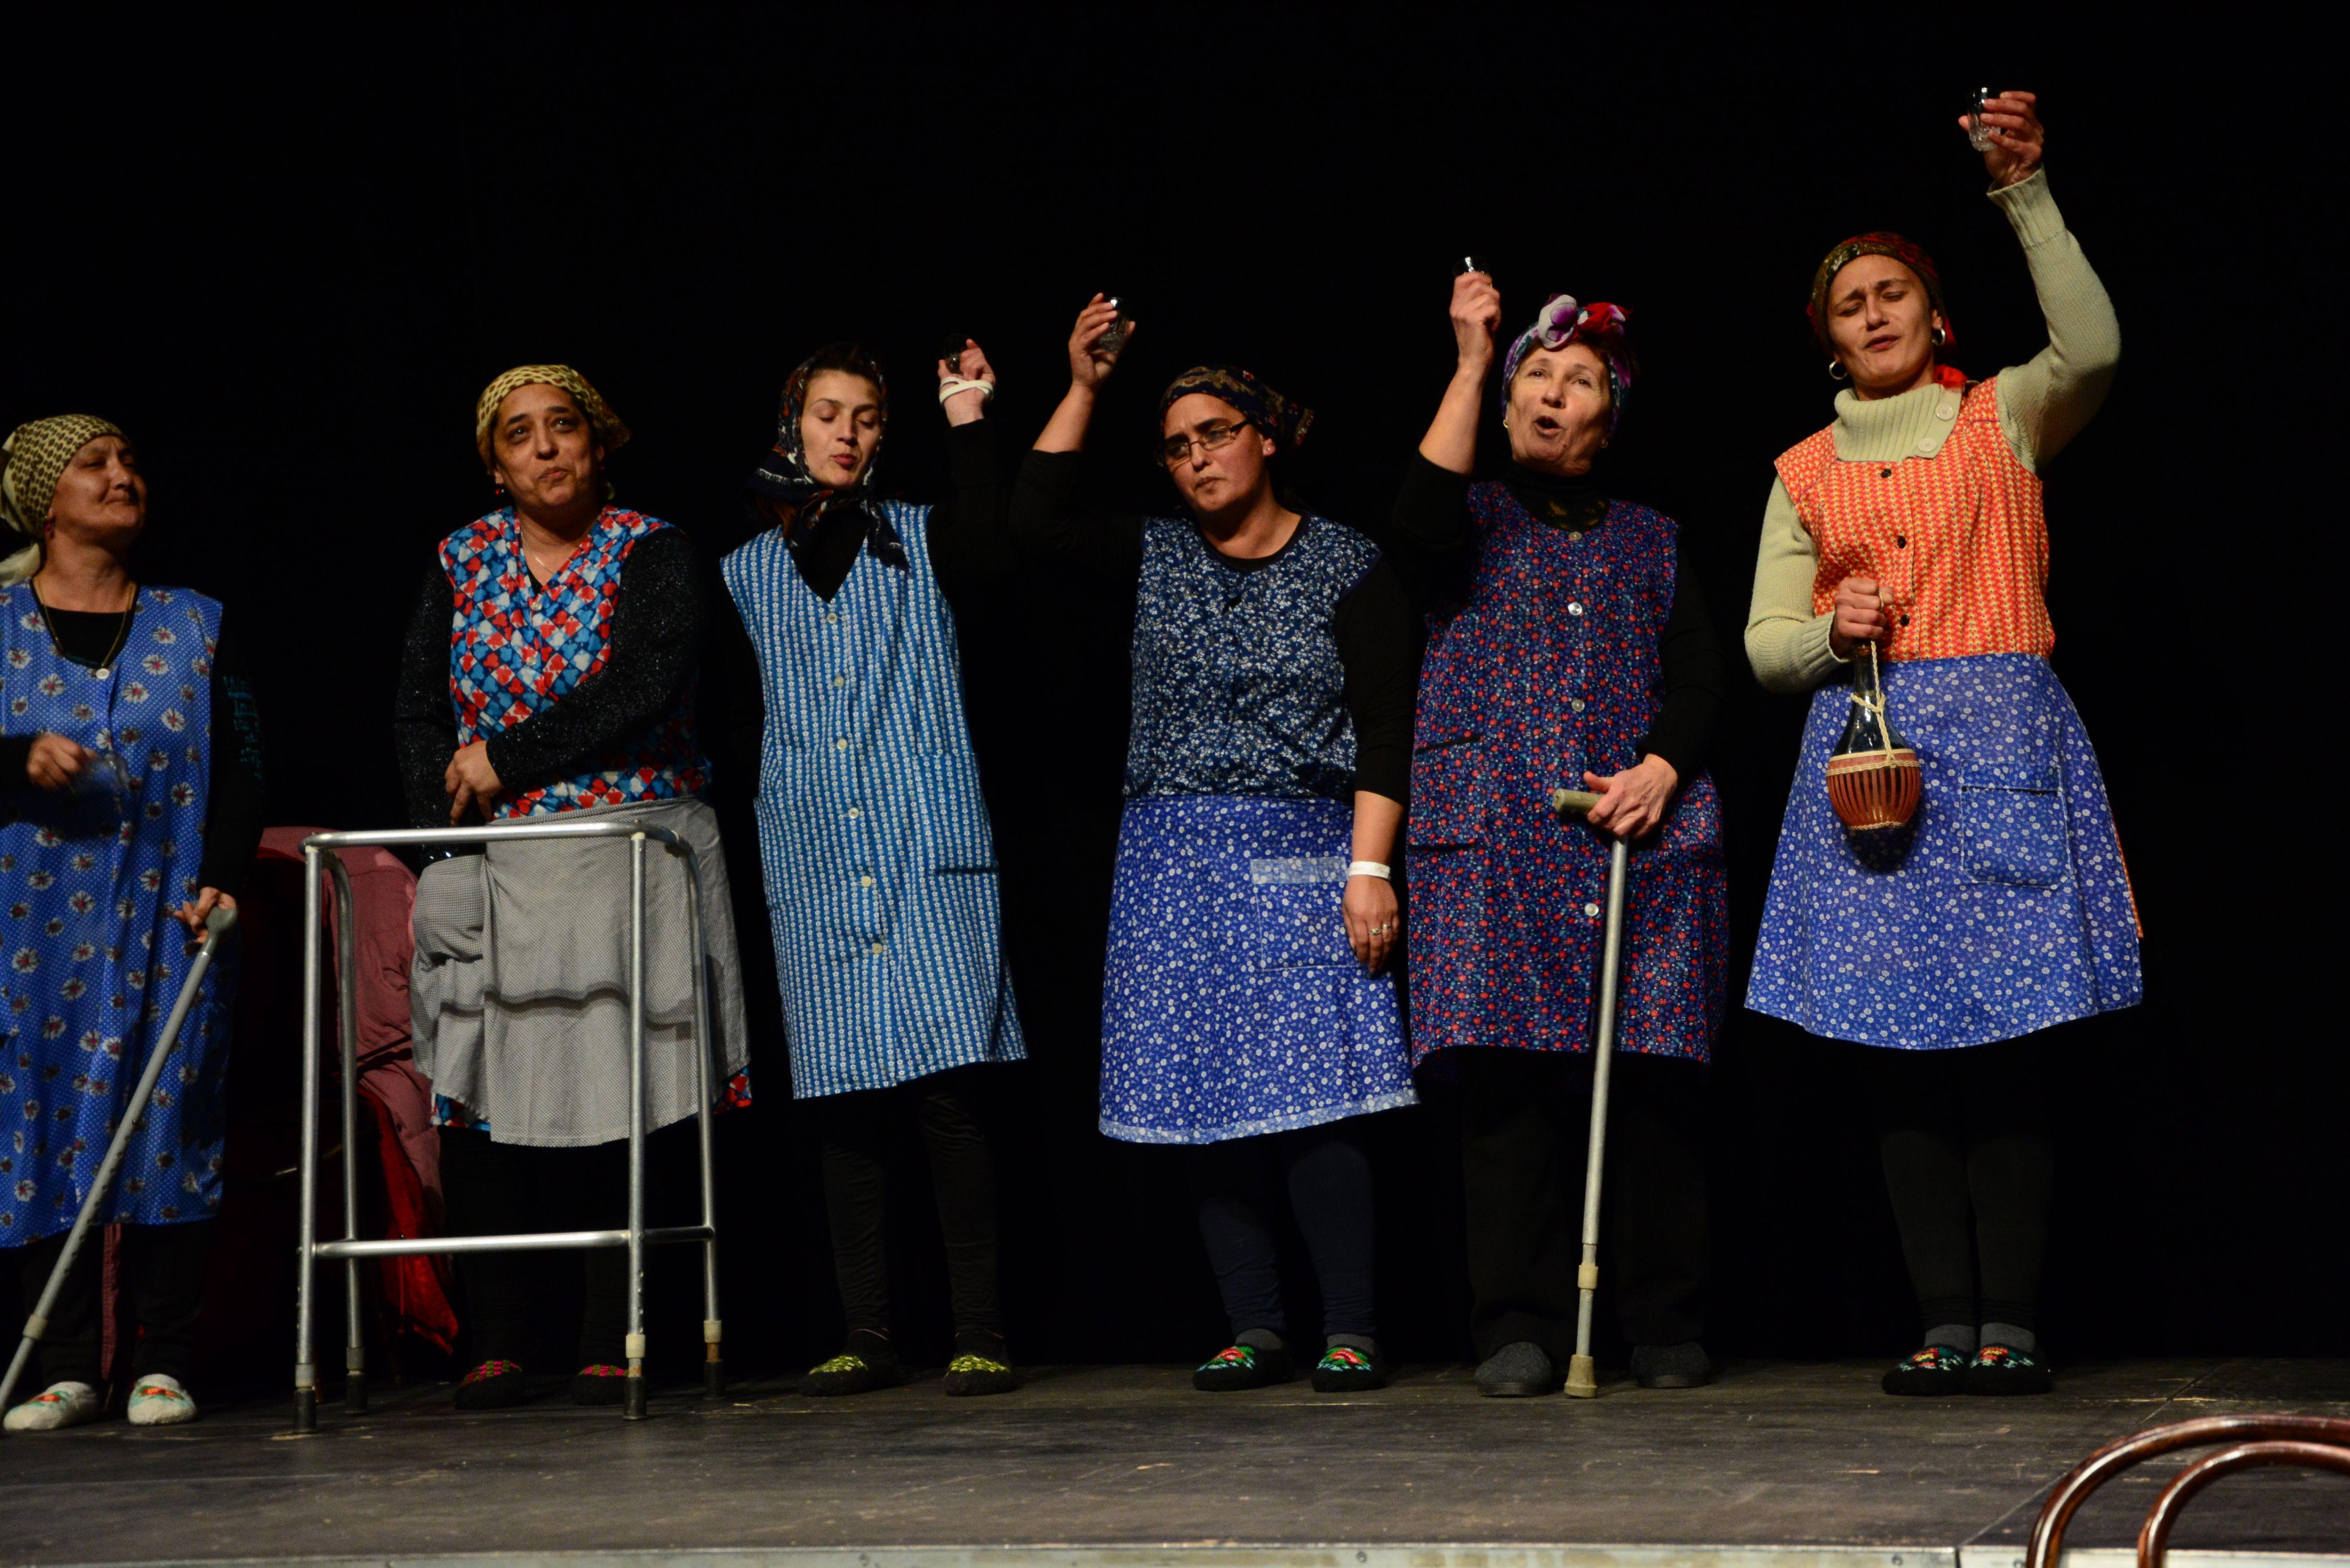 Értényi Pajtaszínház: Szombat: munkanap – zenés vígjáték egy felvonásban (Értény, Tolna megye)